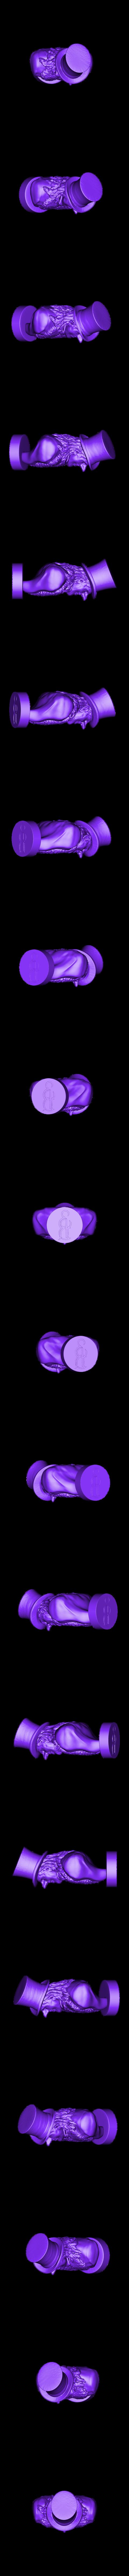 Penguin1_stogie.stl Download STL file Who's Holding the Umbrella? • 3D print design, 3rdesignworks